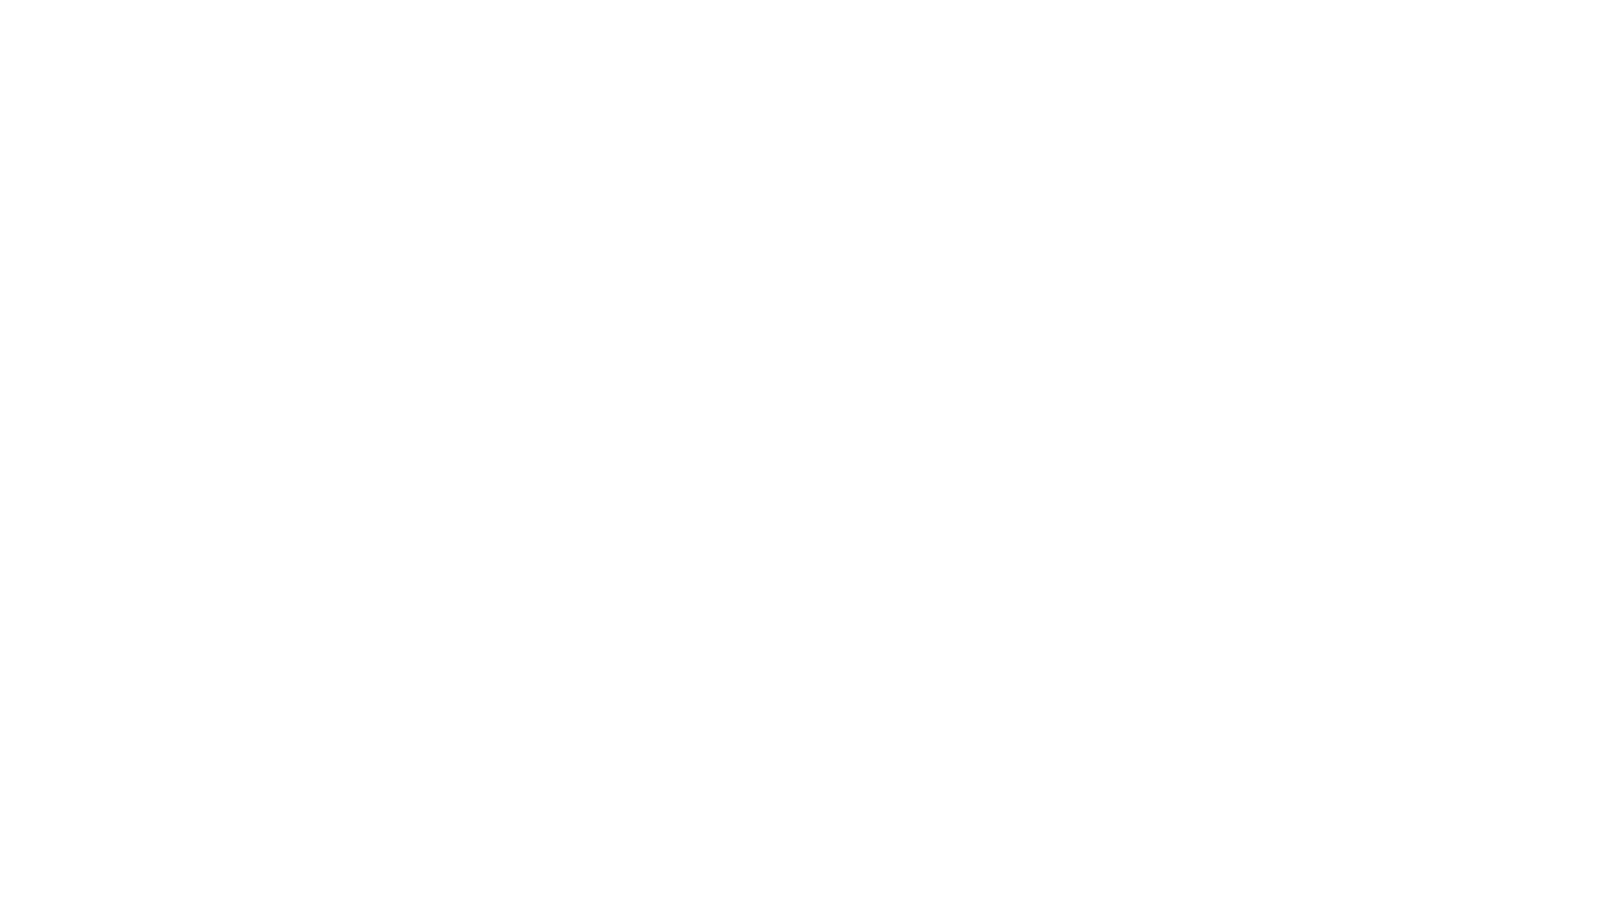 Apoie a gente e tenha várias vantagens exclusivas https://apoia.se/bebersemver ------------------------------- Cervejas do episódio: Bohemian Pilsner Black Princess (R$11,90), Michelob (R$ 5,30) e Baden Baden IPA Maracujá (R$5,99).  Se inscreva no nosso canal e clique no sininho! Vídeo novo toda semana.  Canal Cerveja Fácil:   https://www.youtube.com/cervejafacil  Instagram: https://www.instagram.com/brejada/  Quer participar também no ''Me Julga que Eu Gosto''? Envie sua cerveja para gente!  Av. Paulista, 671 - Cj 914  Bela Vista – São Paulo - SP CEP 01311-100  A/C: Kadu Mendes  ATENÇÃO: Colocar seu nome, cidade e estado na garrafa.  #cerveja #avaliação #testecego Se inscreva no nosso canal http://youtube.com/tvbrejada  Nos Siga nas redes sociais   https://www.facebook.com/brejada  https://www.instagram.com/brejada/